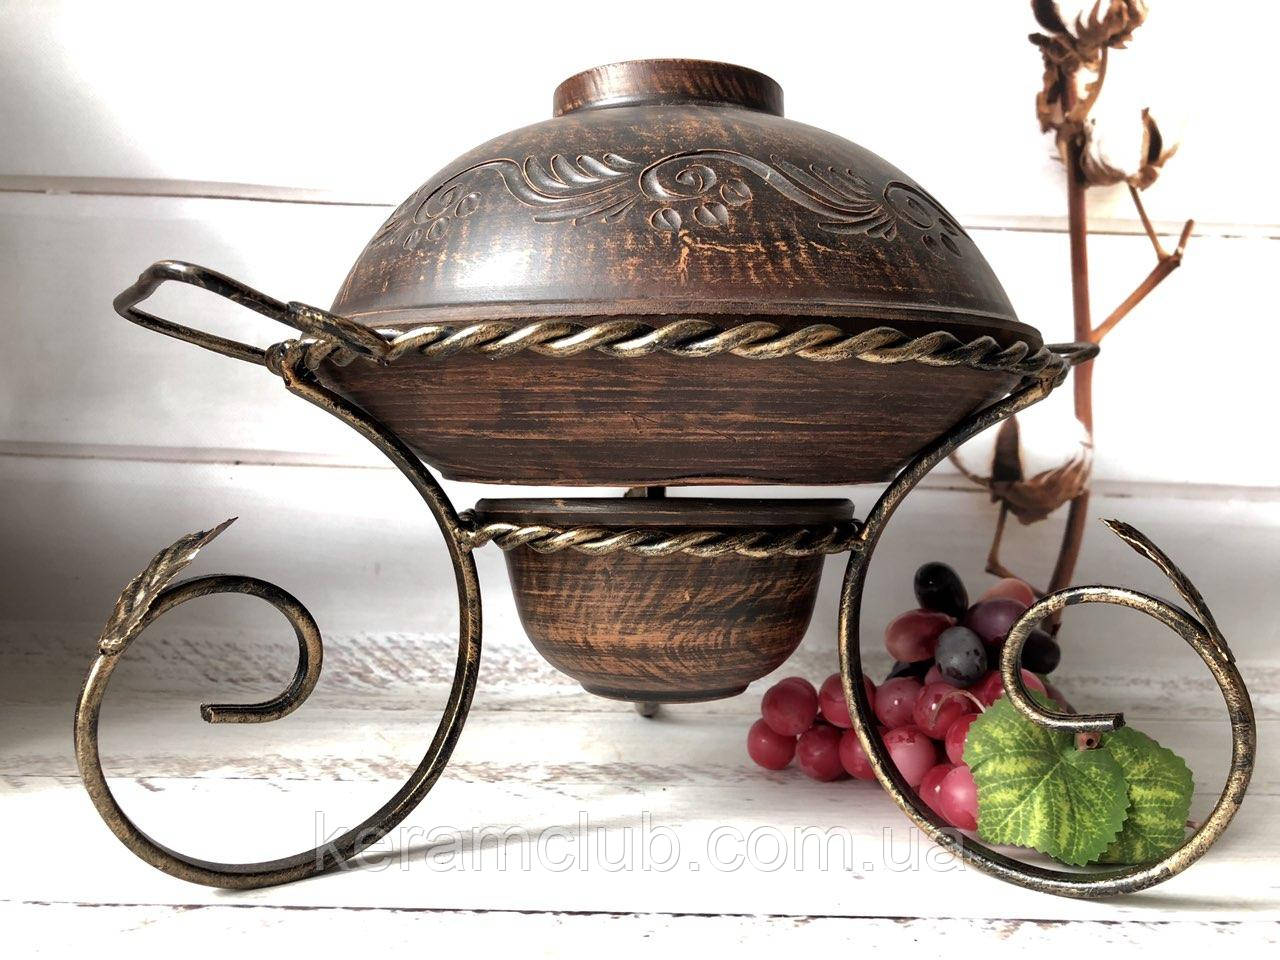 Садж для подачи шашлыка из красной глины с крышкой